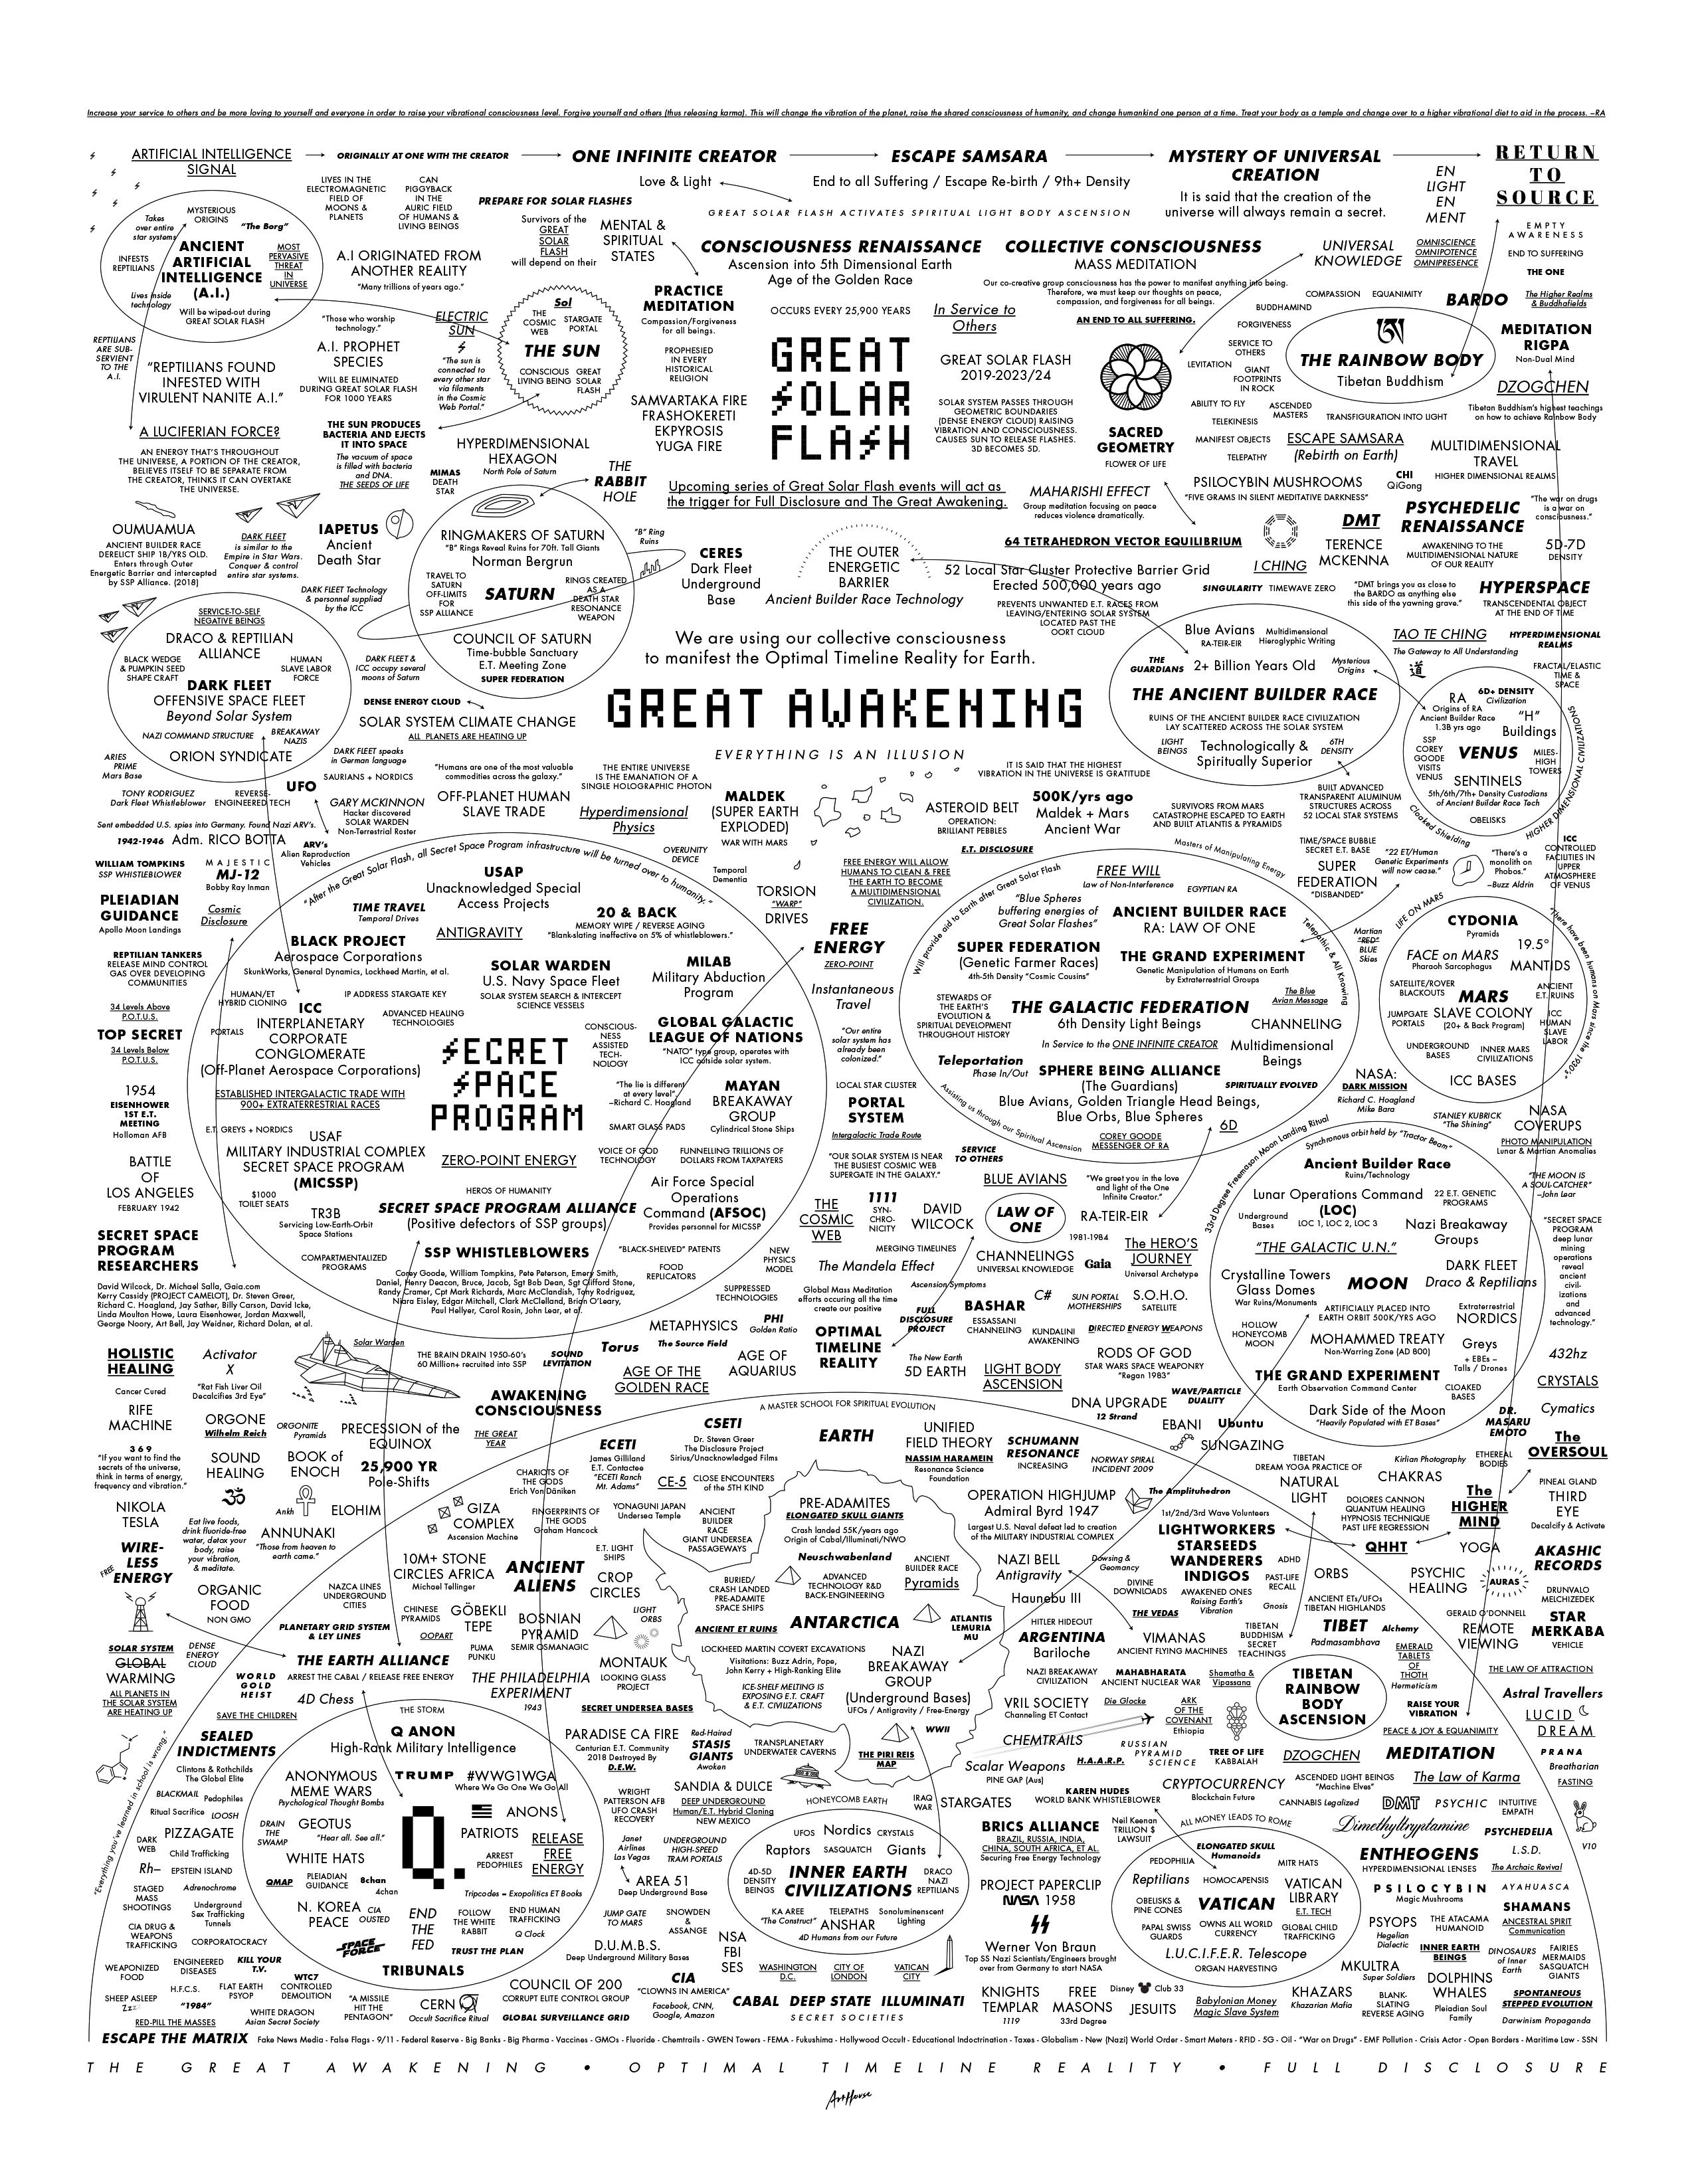 EN - THE GREAT AWAKENING MAP